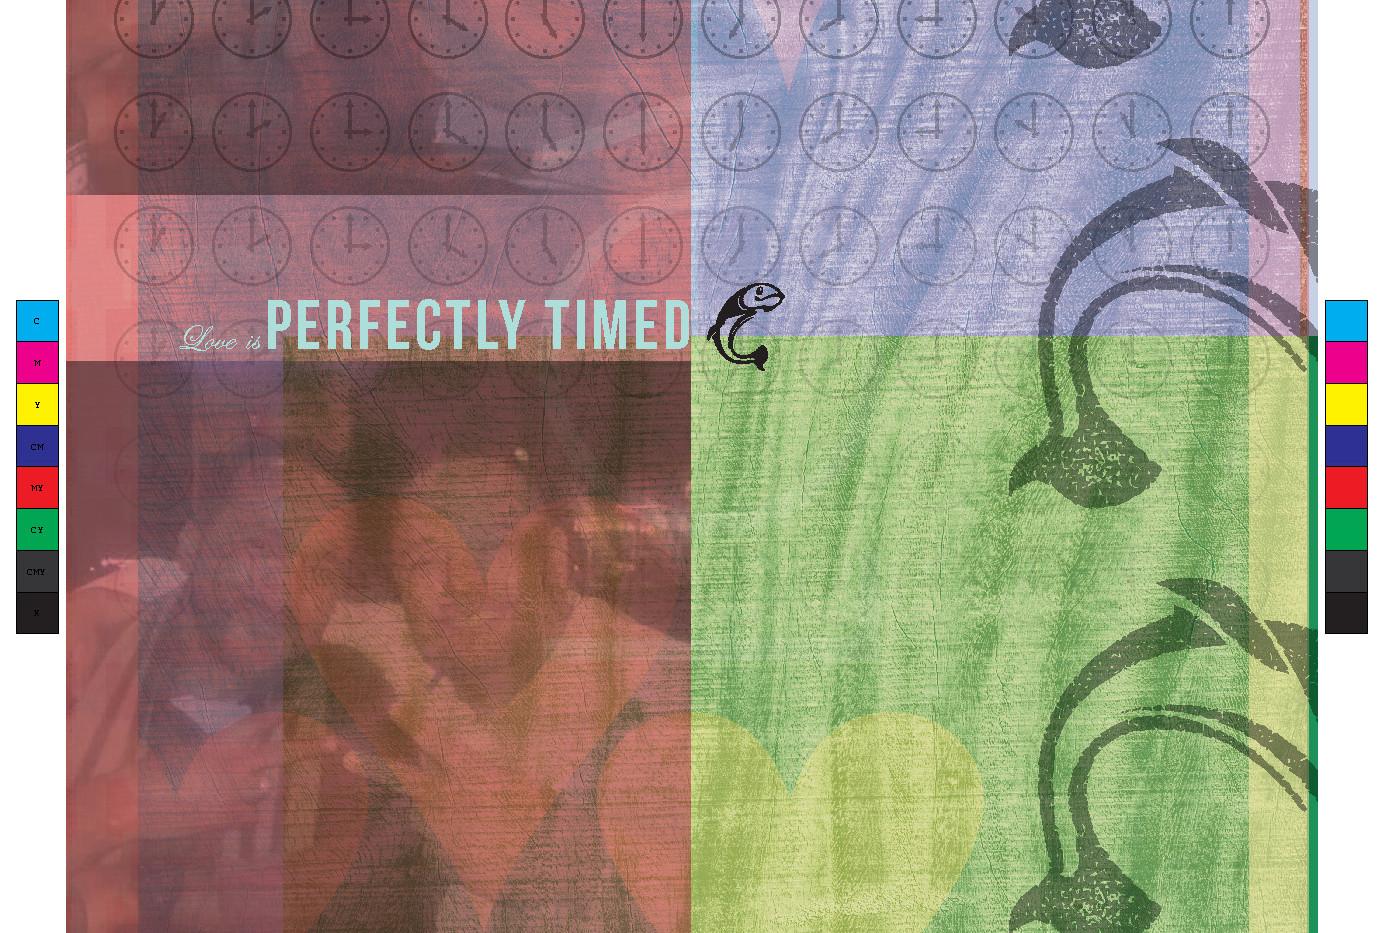 LTT_PerfeclyTimed(Fc).jpg